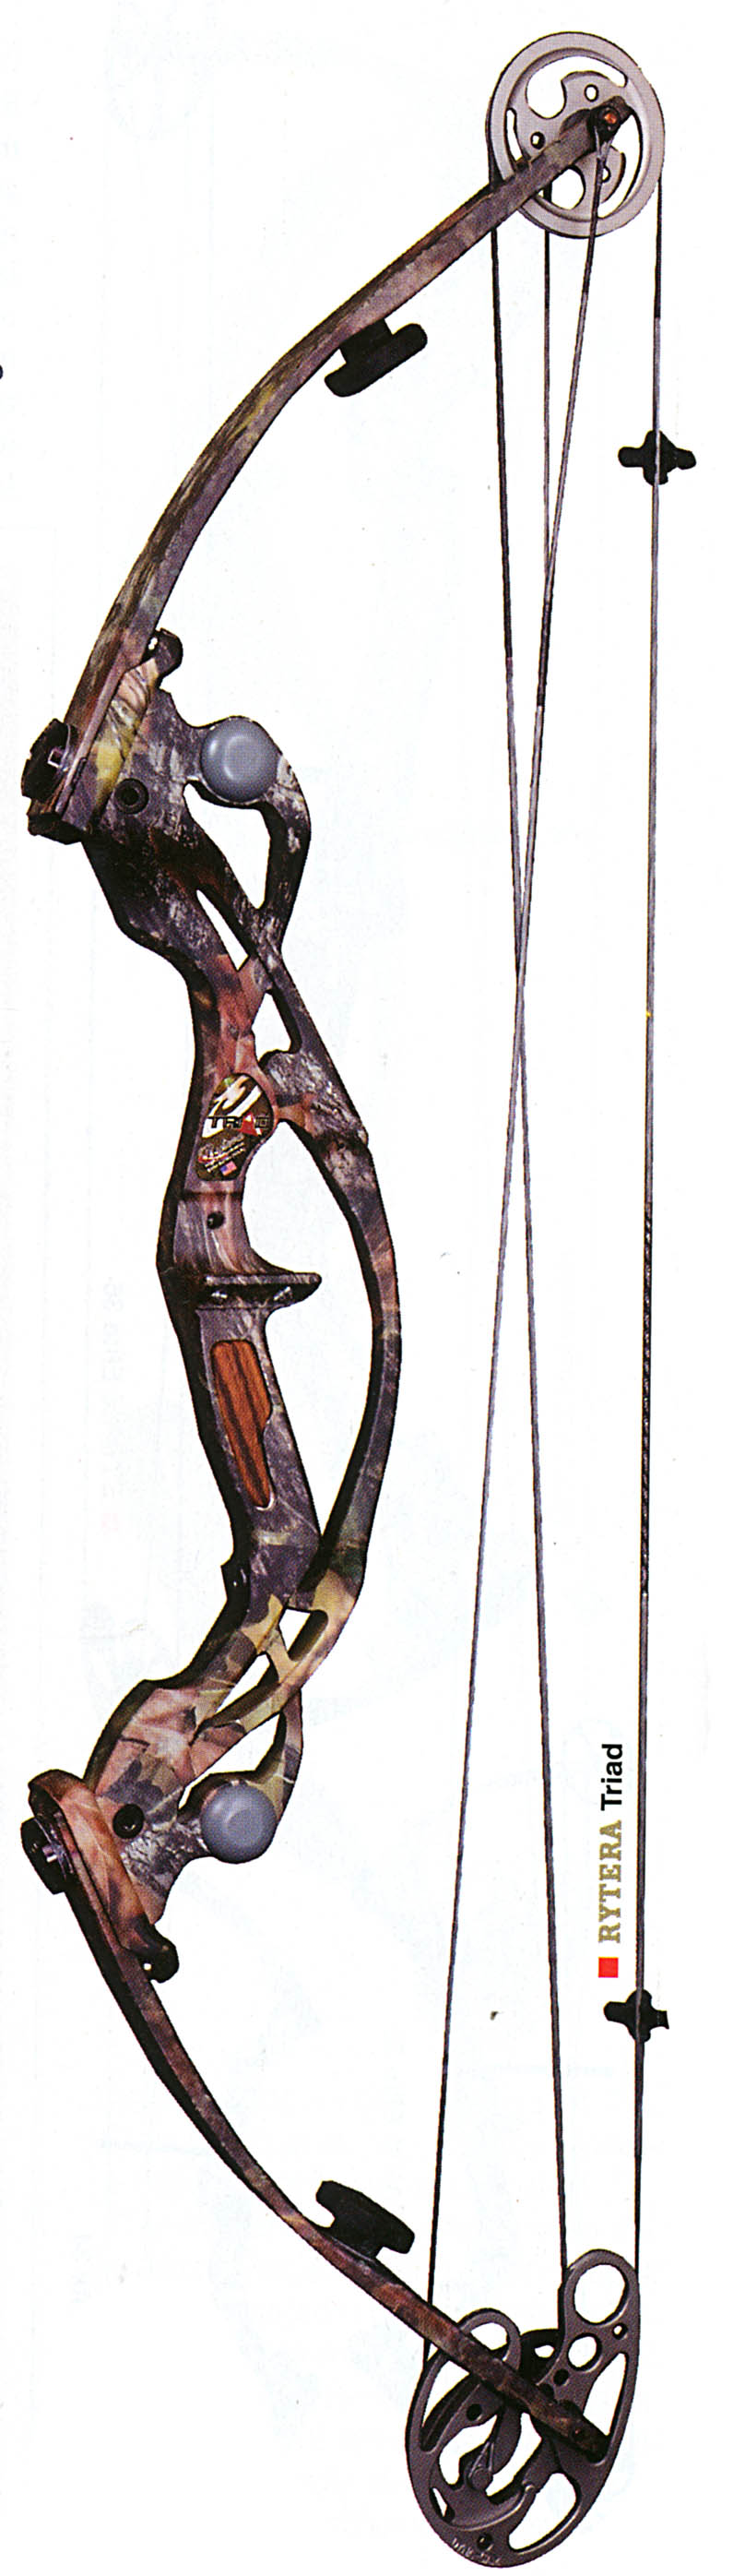 triad.jpg (808×2792) Bow arrows, Archery, Crossbow